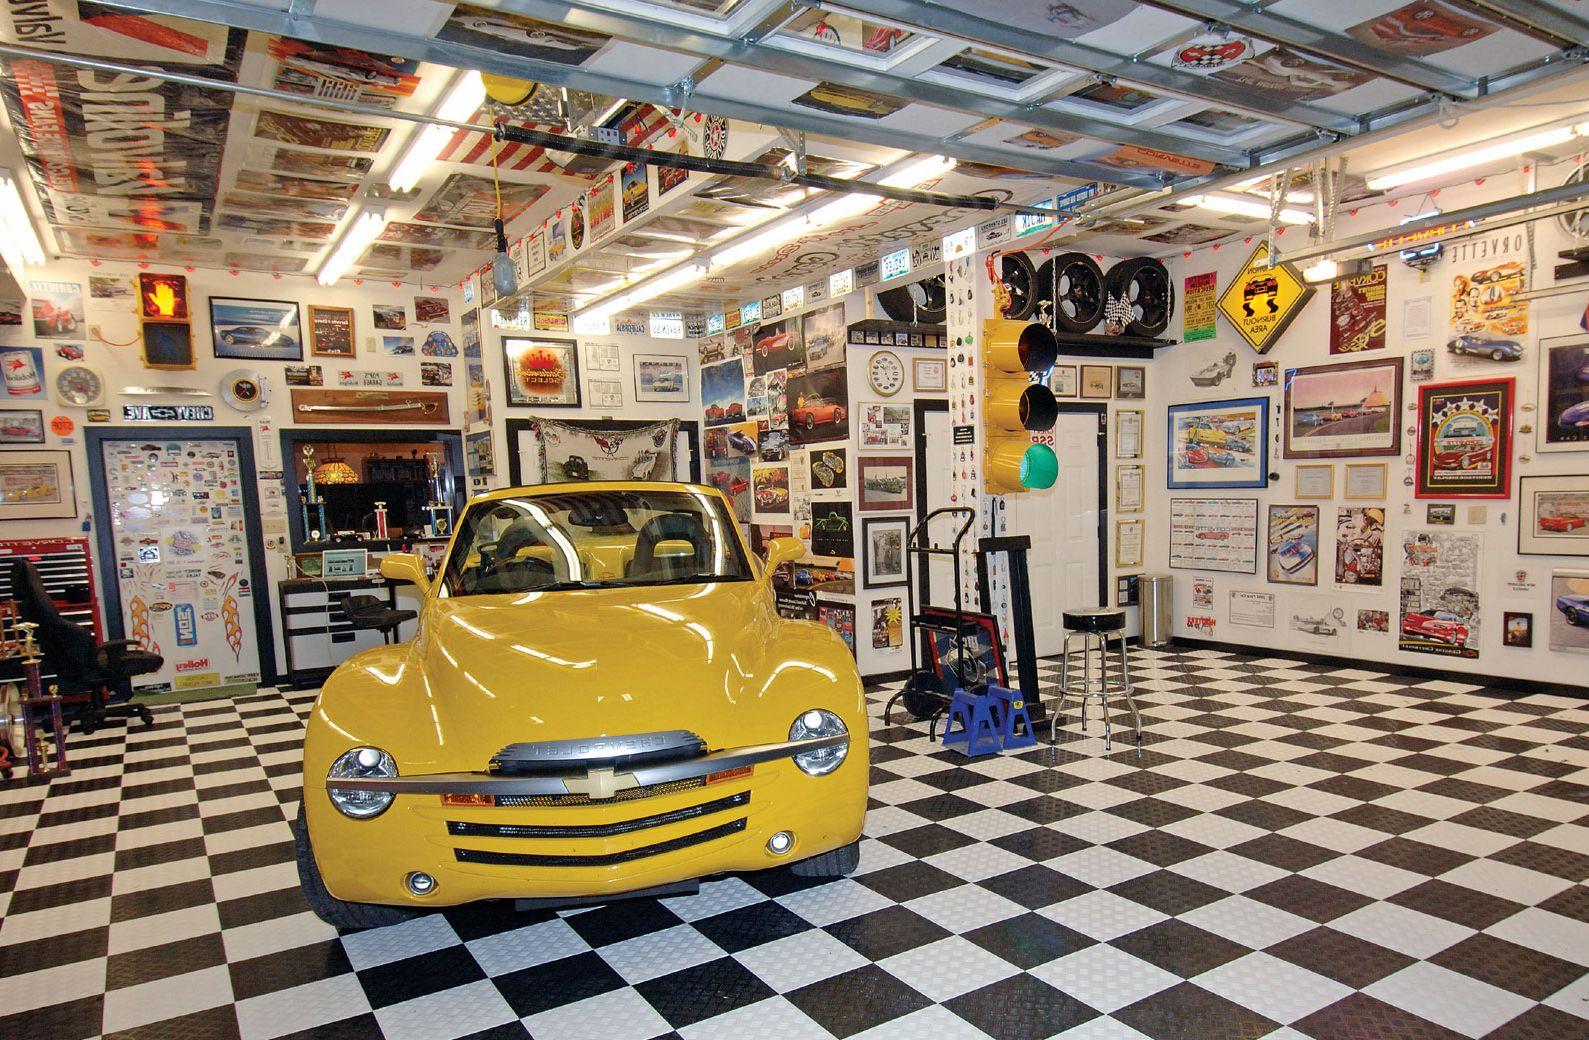 Garage Decor Ideas - Helda Site; Furnitures & Home Design on Garage Decorating Ideas  id=75530